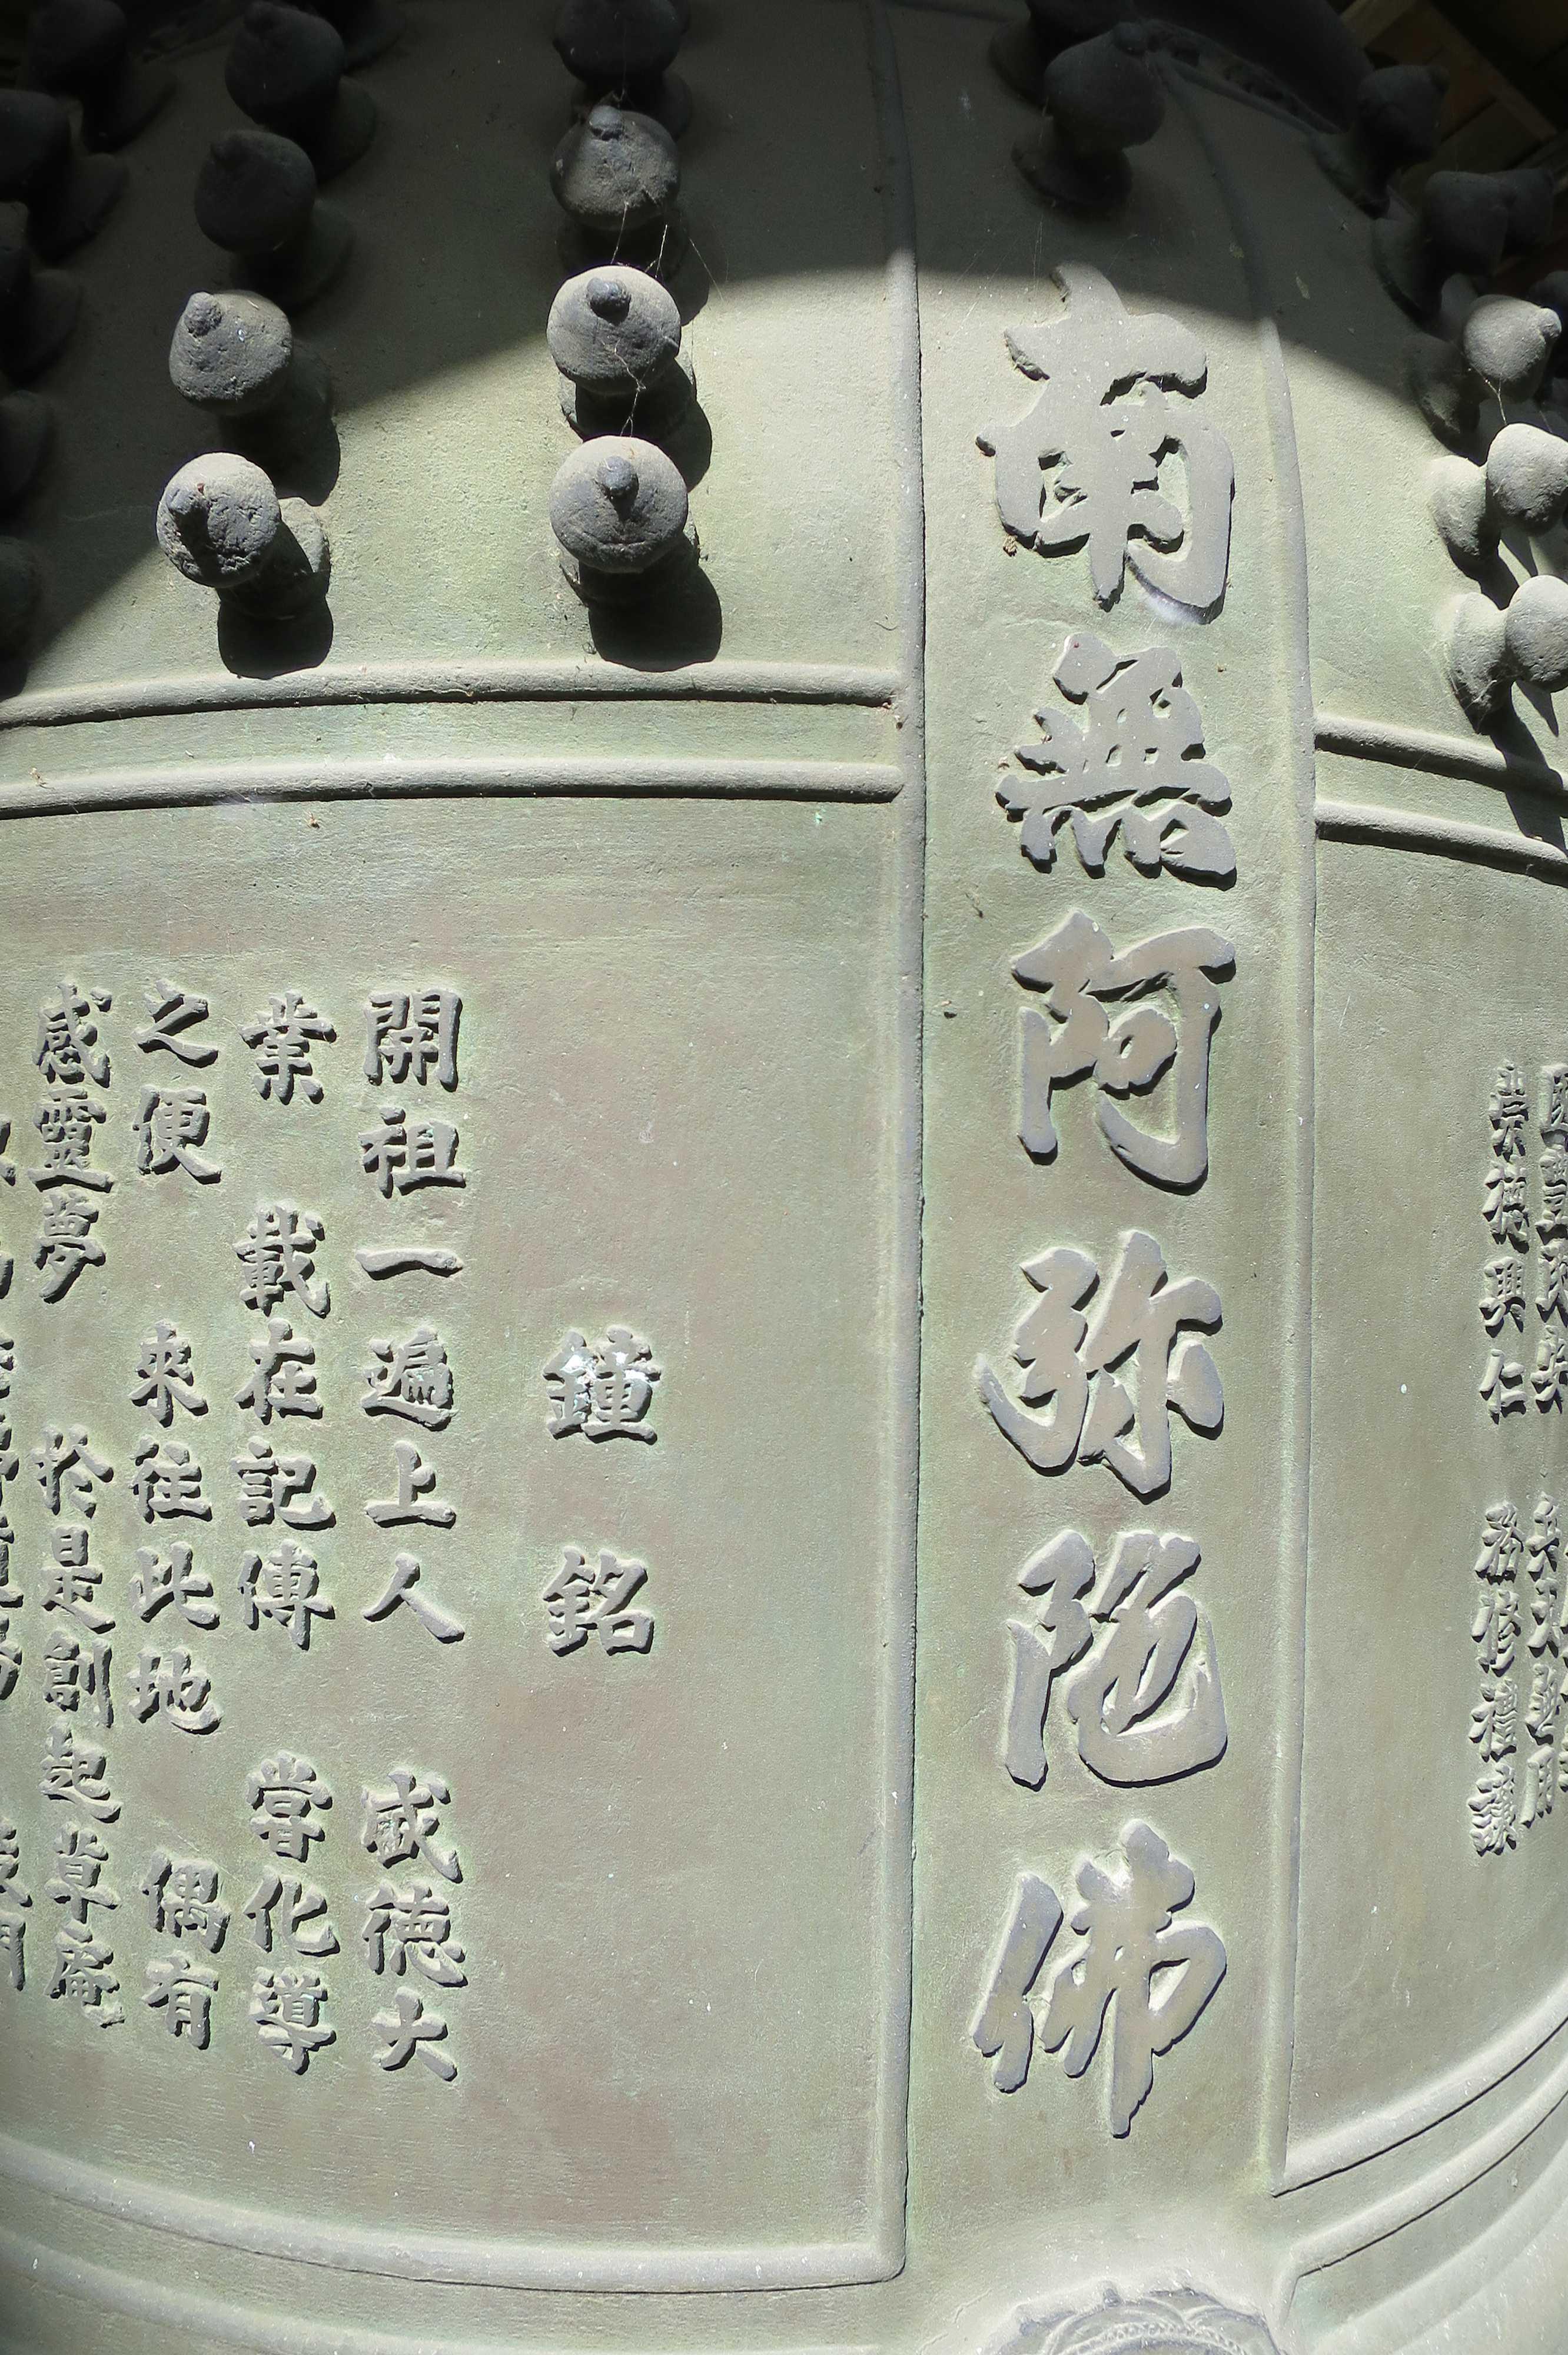 無量光寺 - 南無阿弥陀佛と書かれた鐘